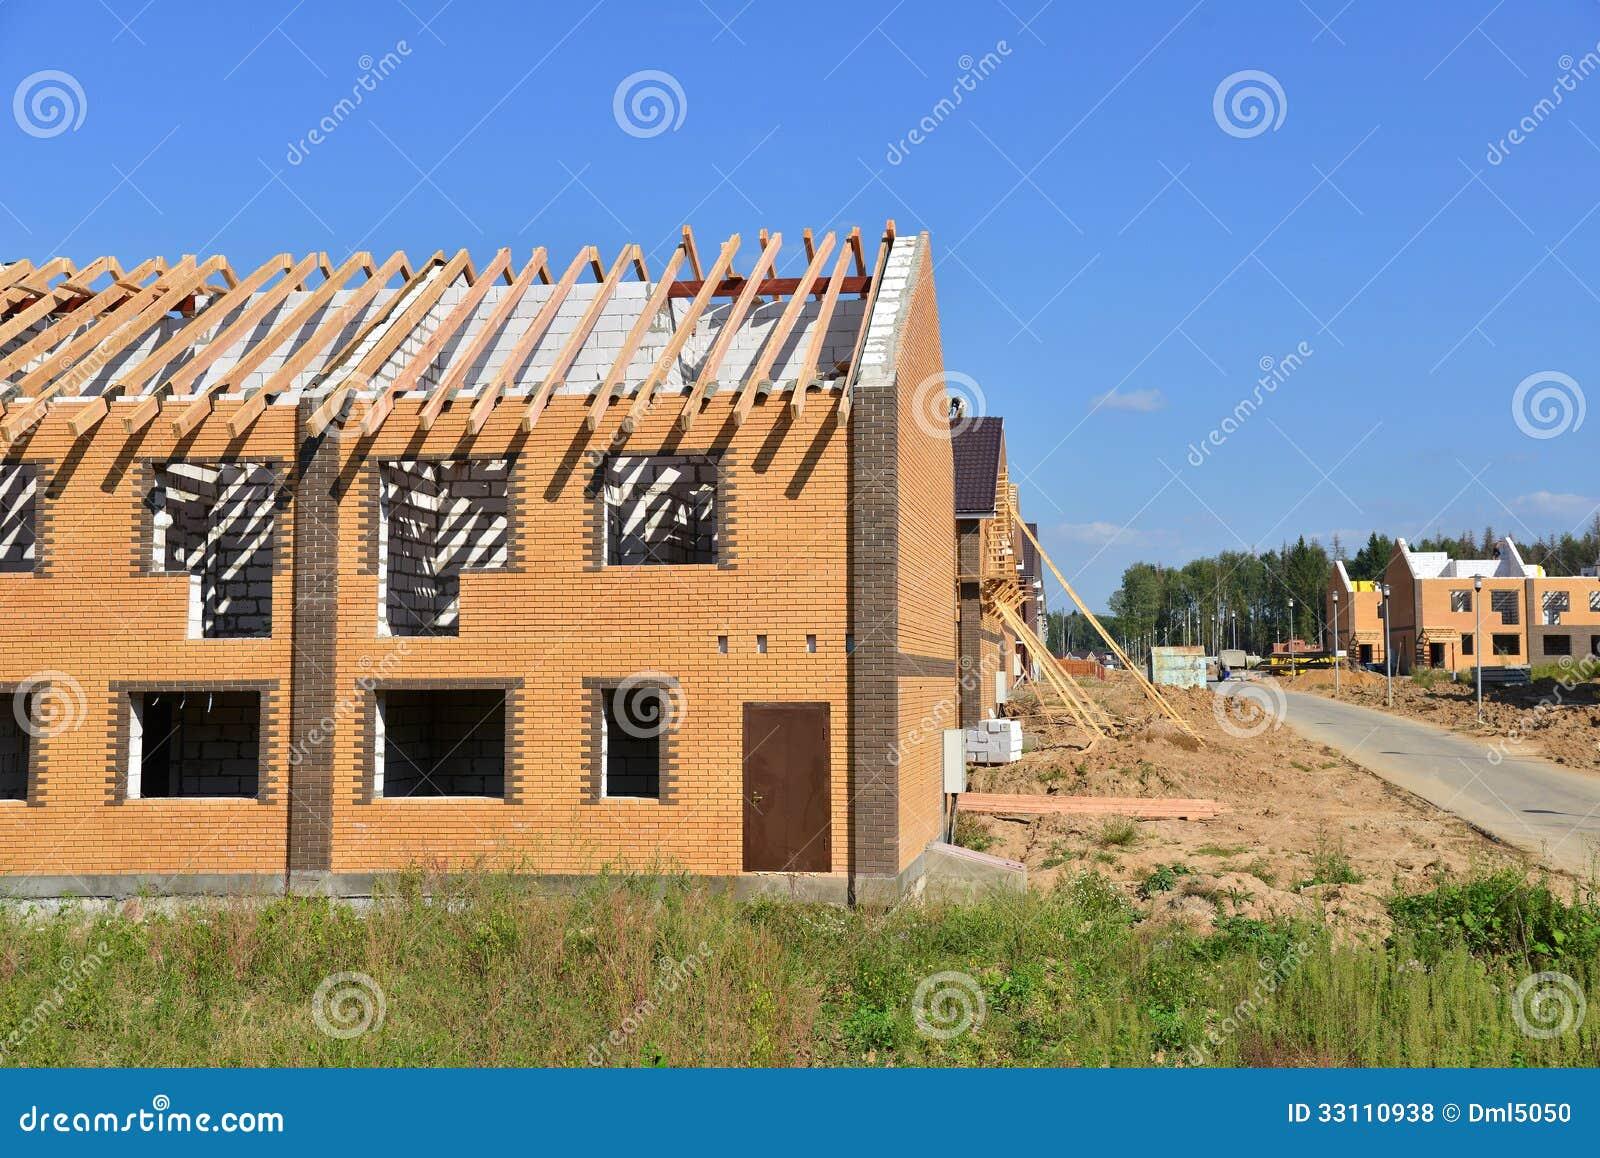 Sito in costruzione del mattone con la pietra e il concret for Come pianificare la costruzione di una casa